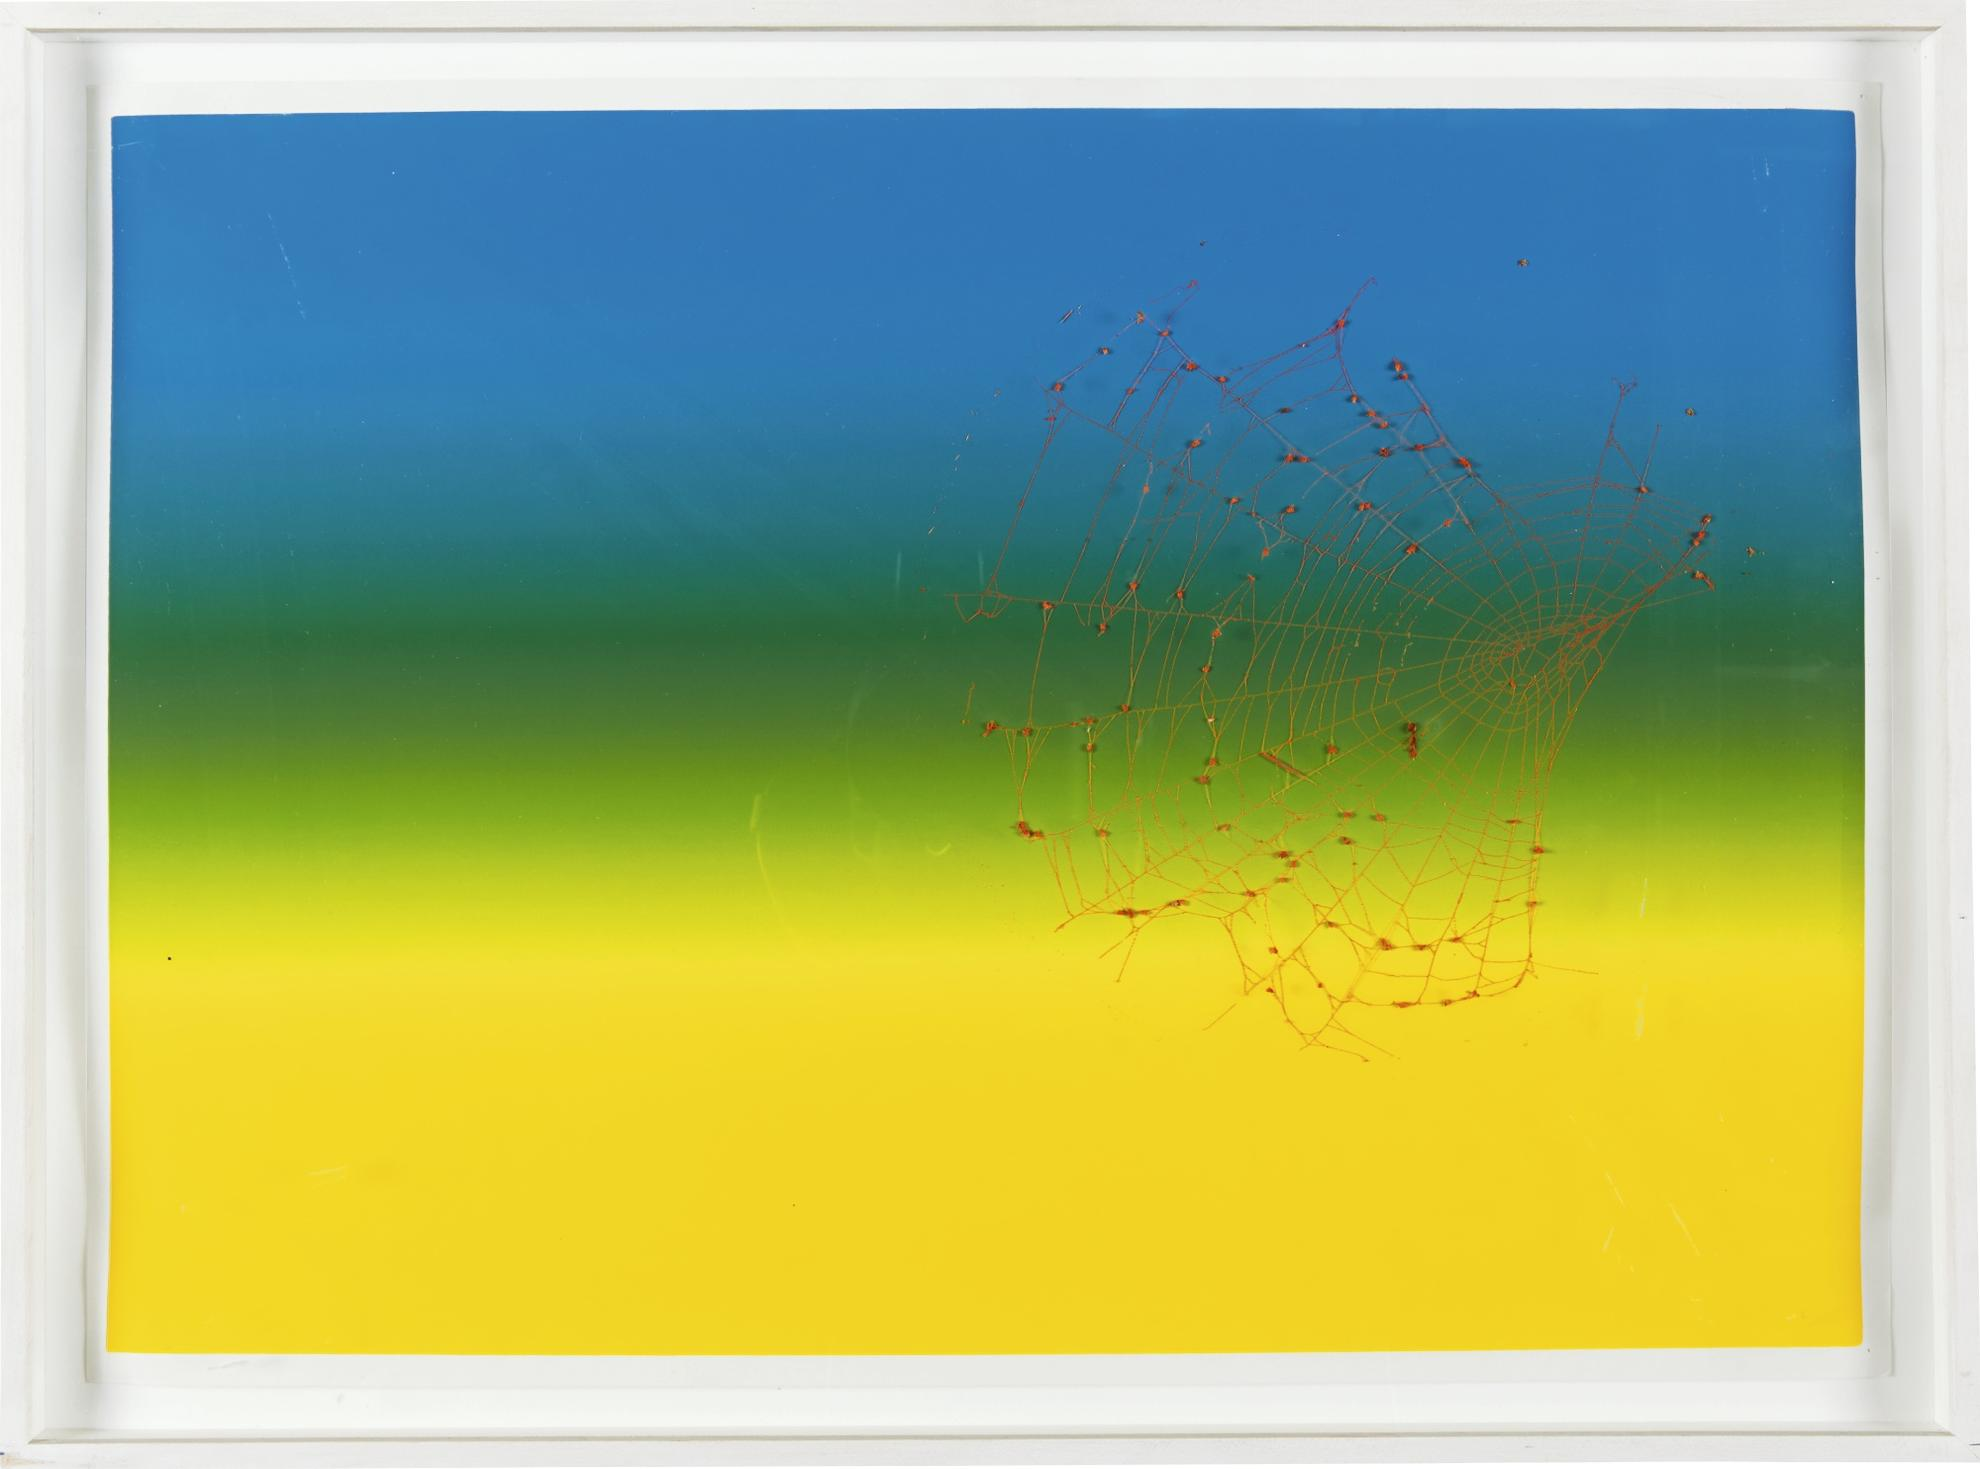 Pae White-Web Sampler 2000 (#6)-2000